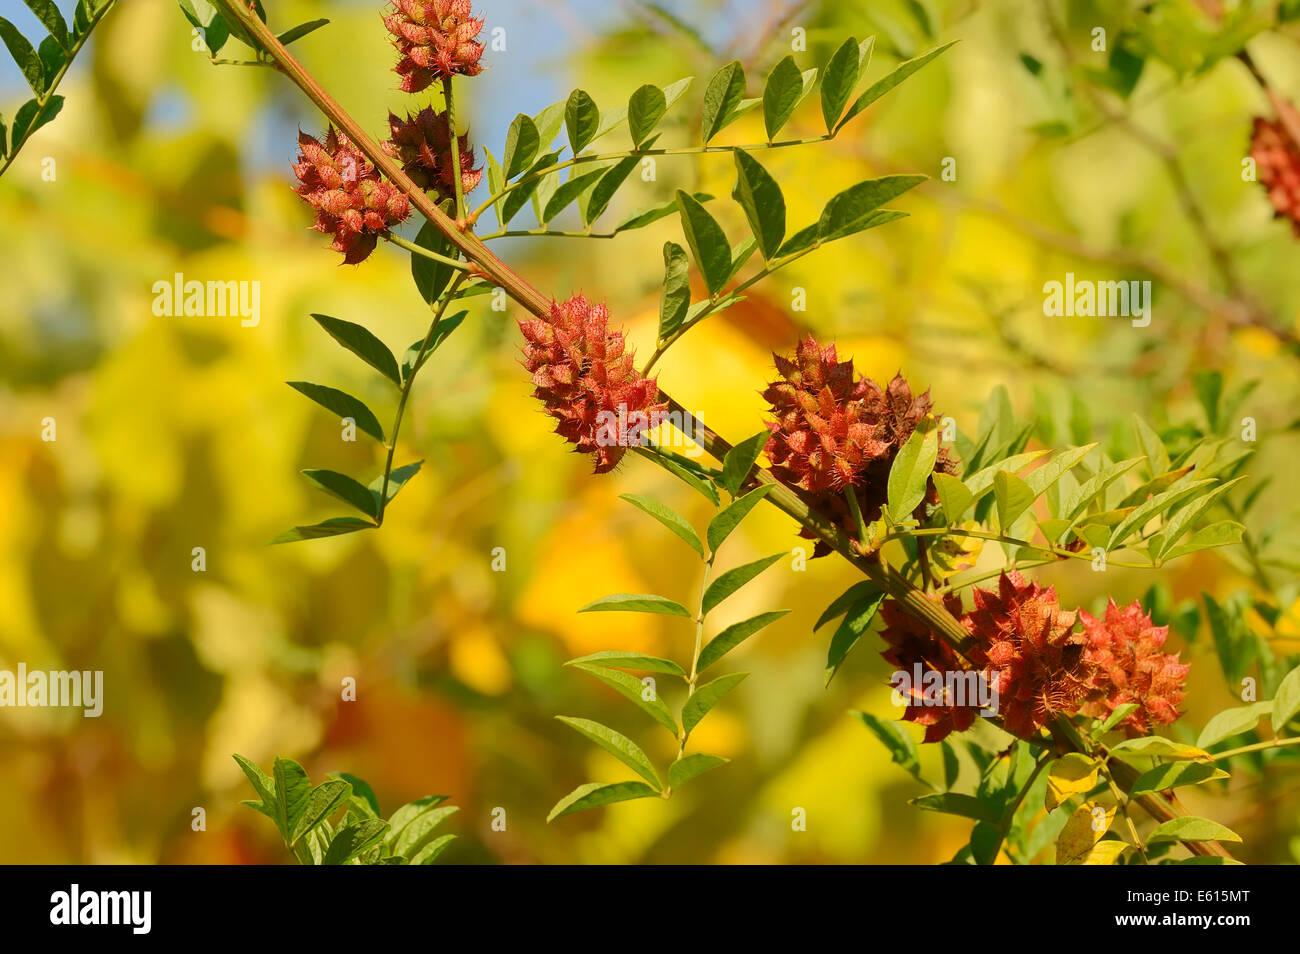 Licorice (Glycyrrhiza glabra), branch with fruit, Germany Stock Photo